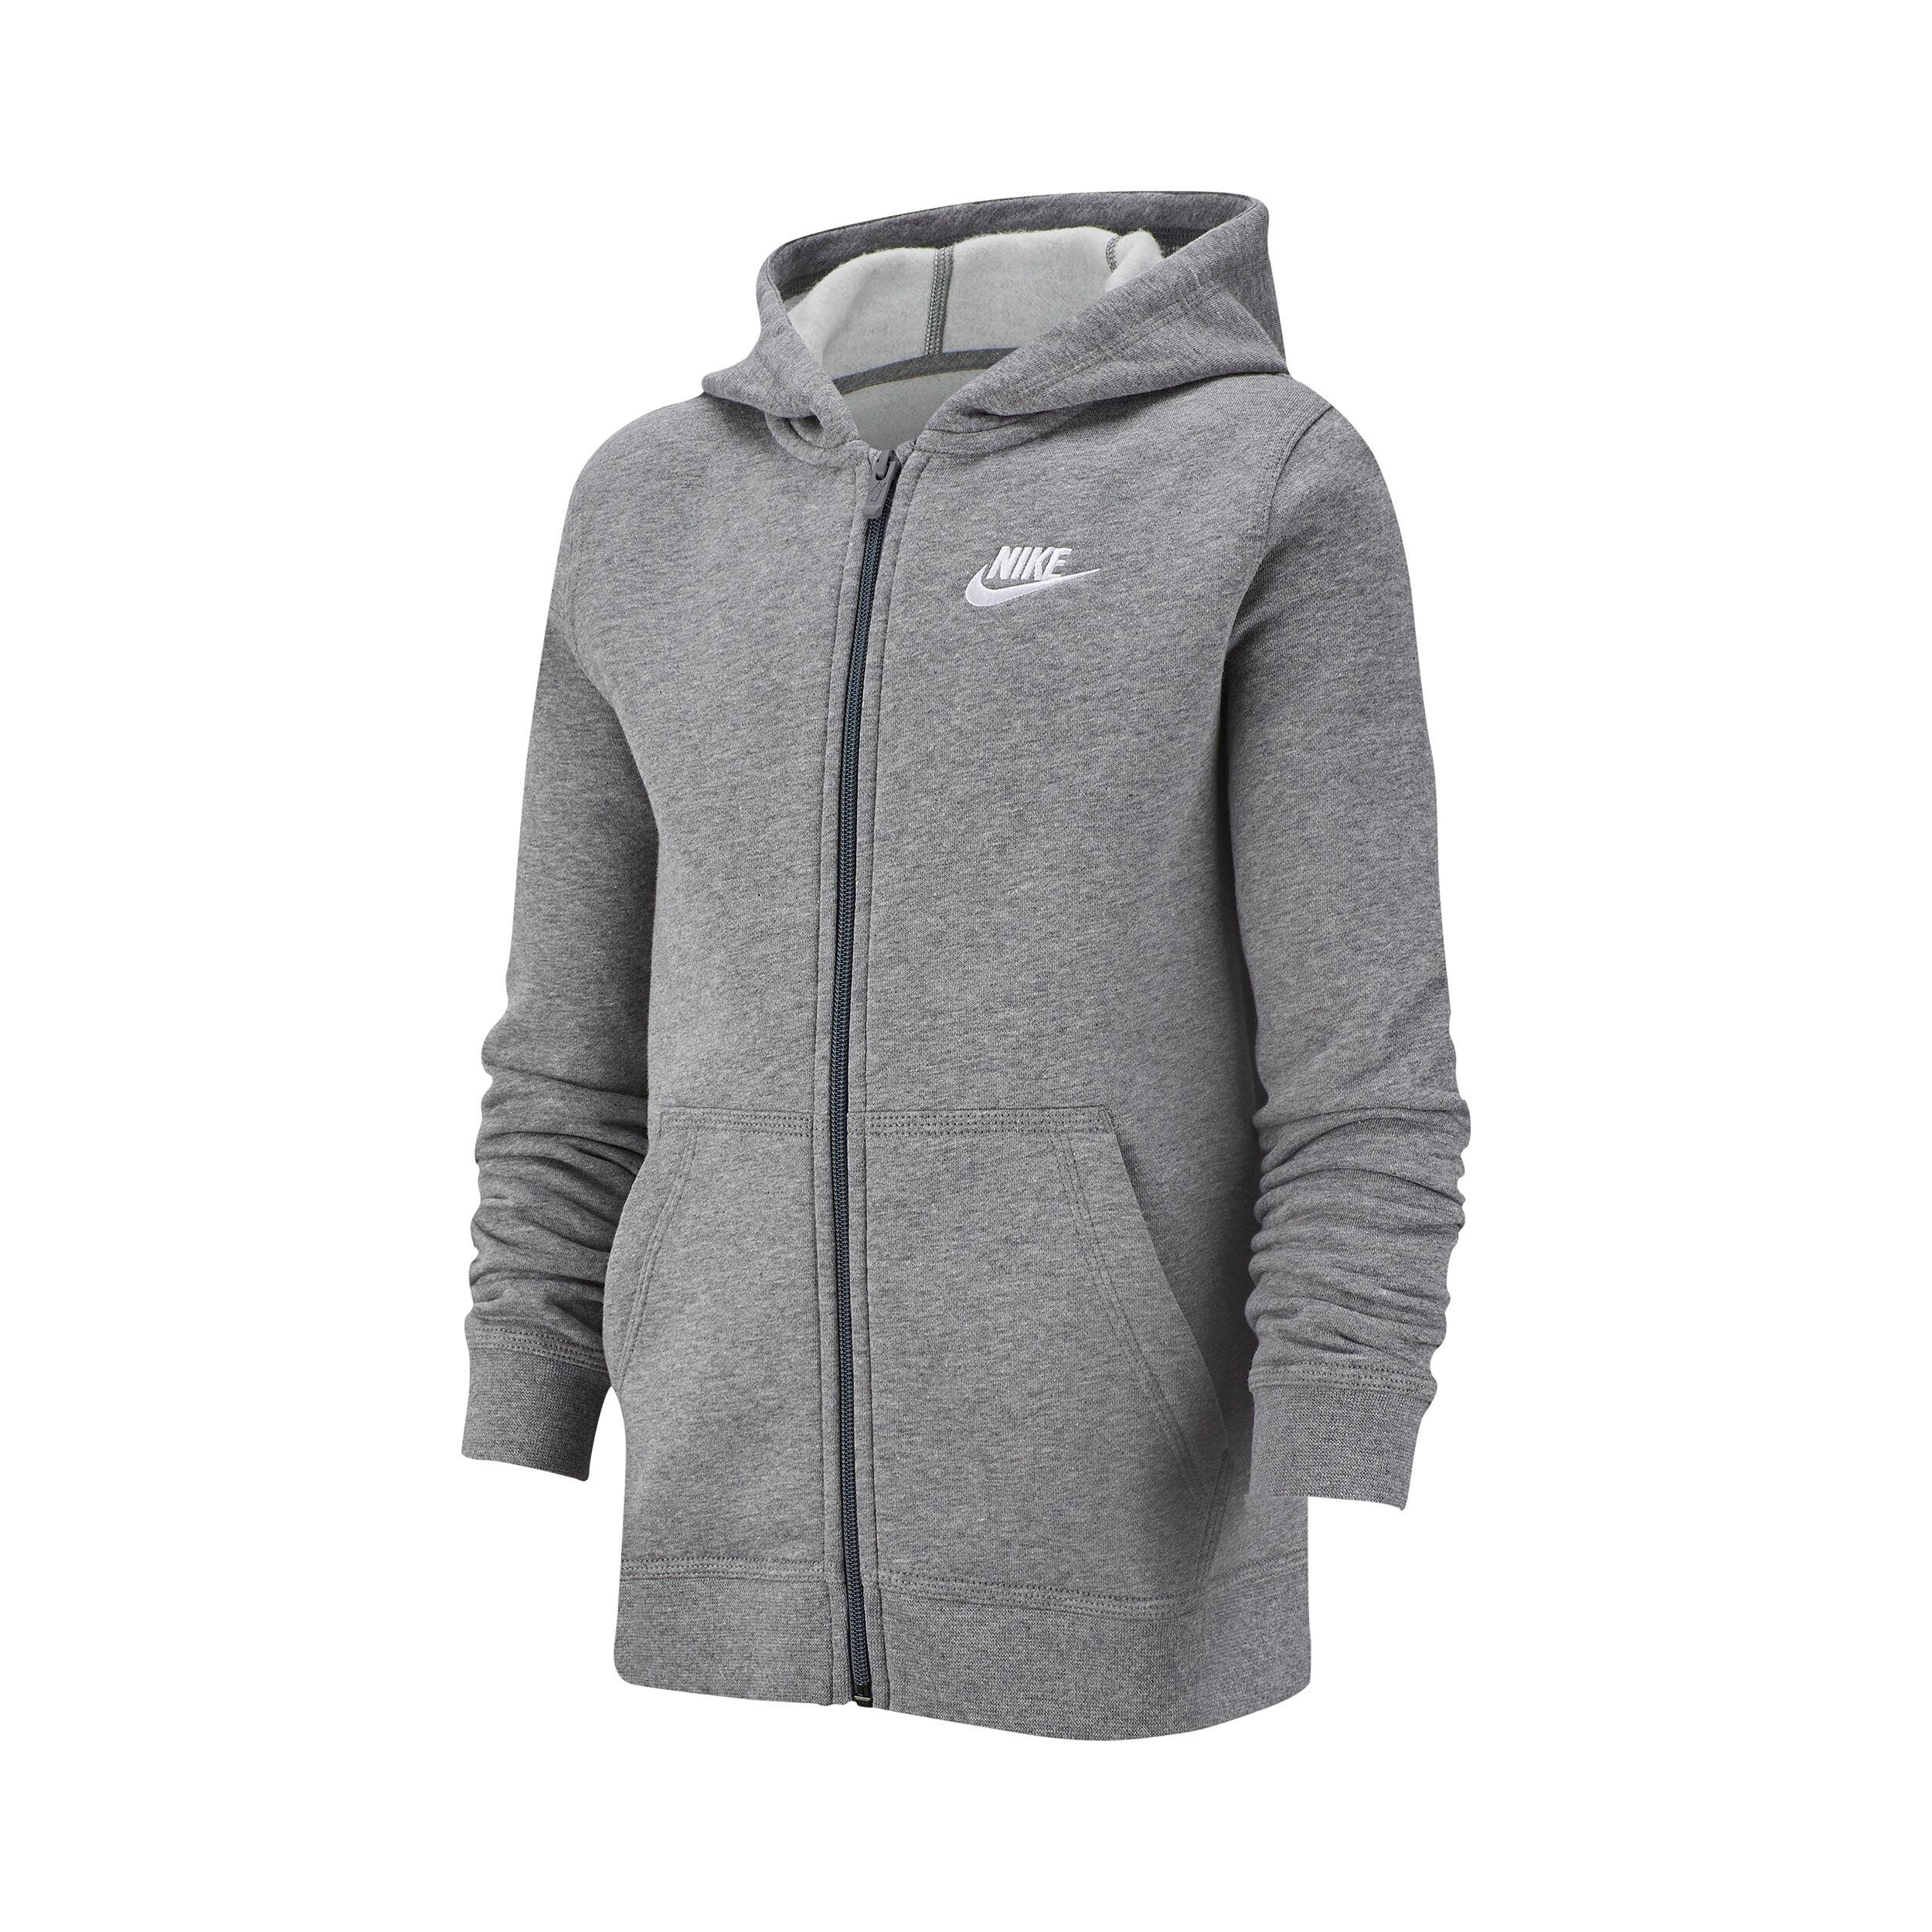 Nike Sportswear Full Zip Sweatjakke Drenge Lysegrå, Hvid